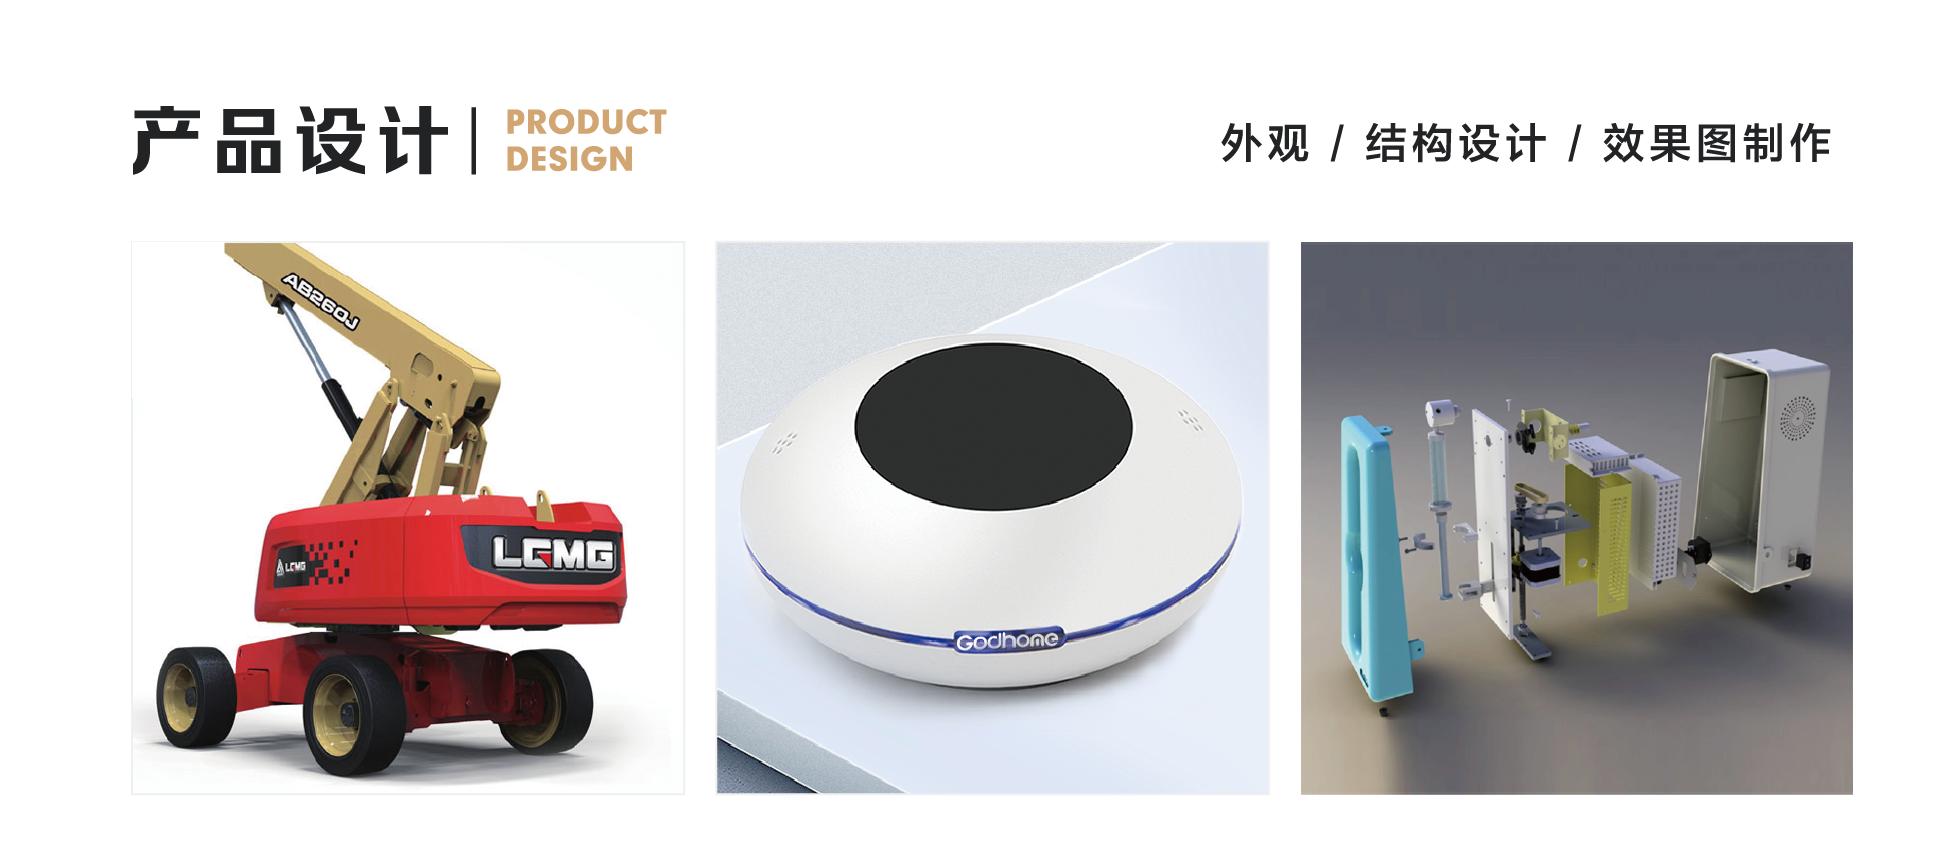 黄冈设计服务公司